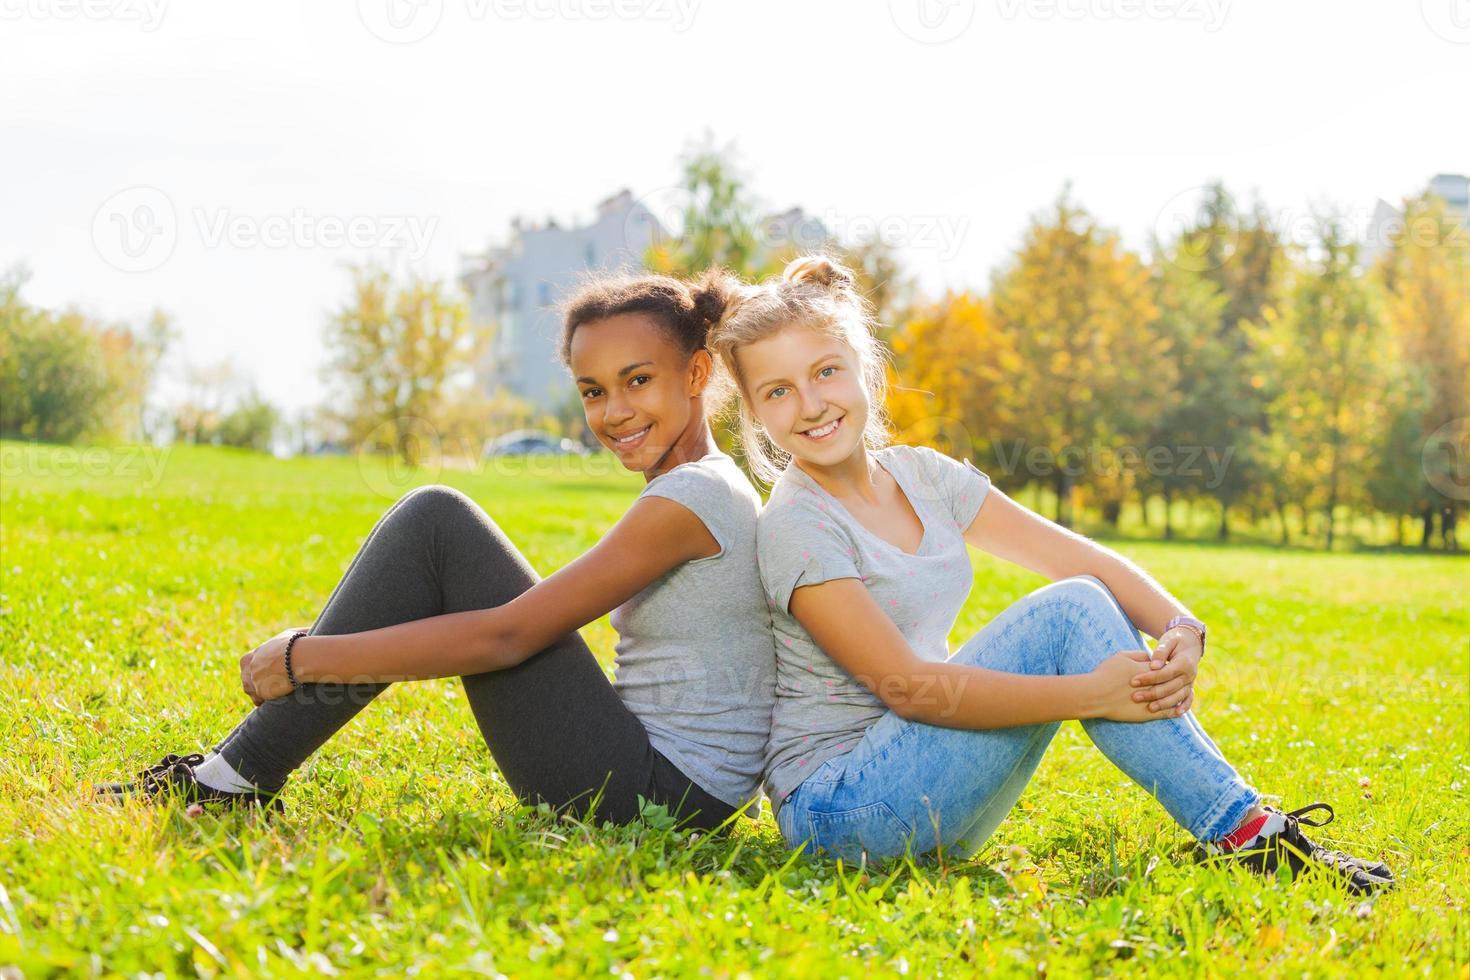 afrikansk och blond tjej som sitter tillsammans på gräset foto